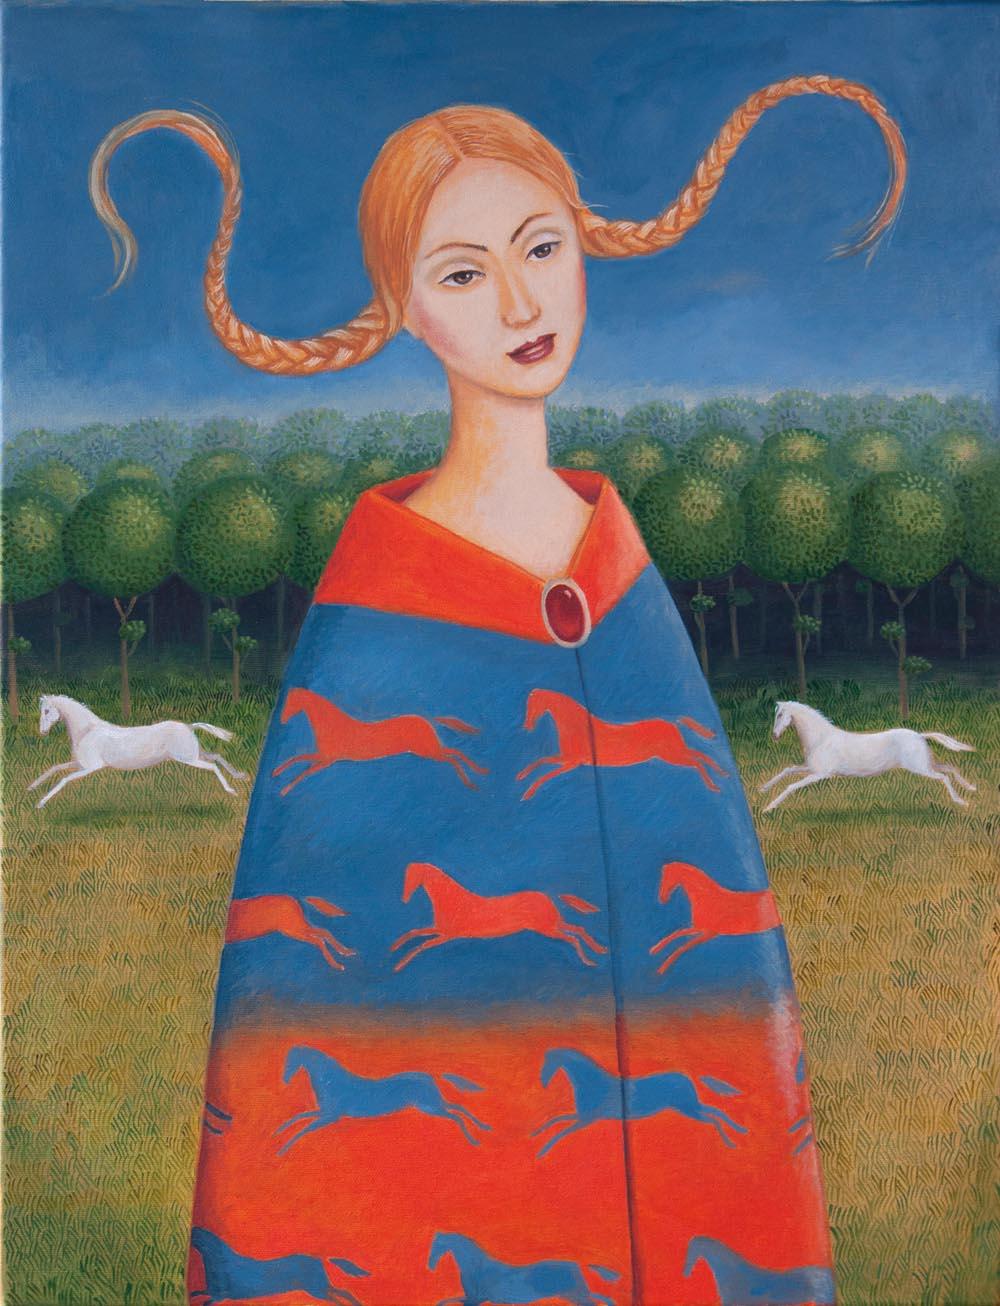 Malwina de Brade, Bez tytułu, olej na płótnie, 70 x 50 cm